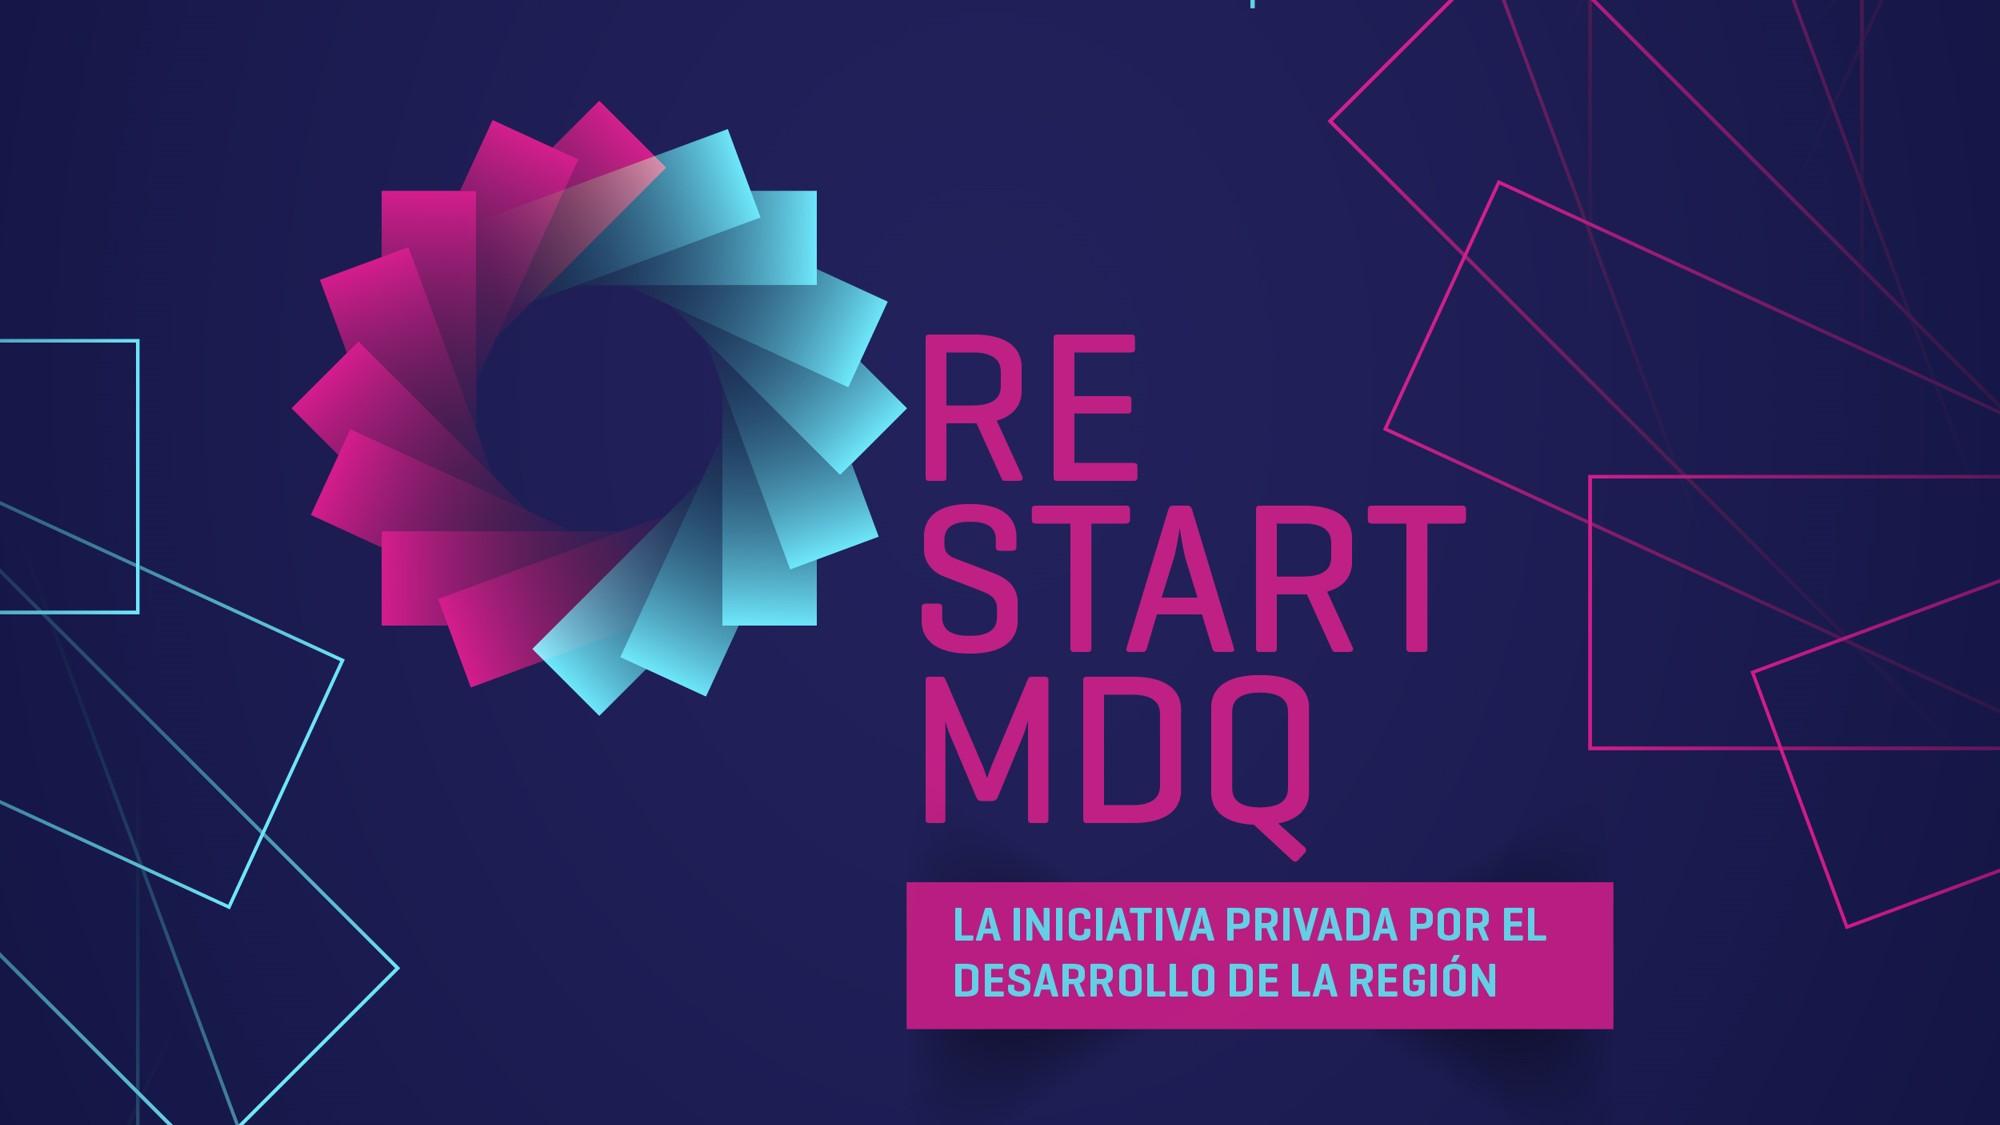 Lanzamiento de ReStart MDQ en el 24º Aniversario